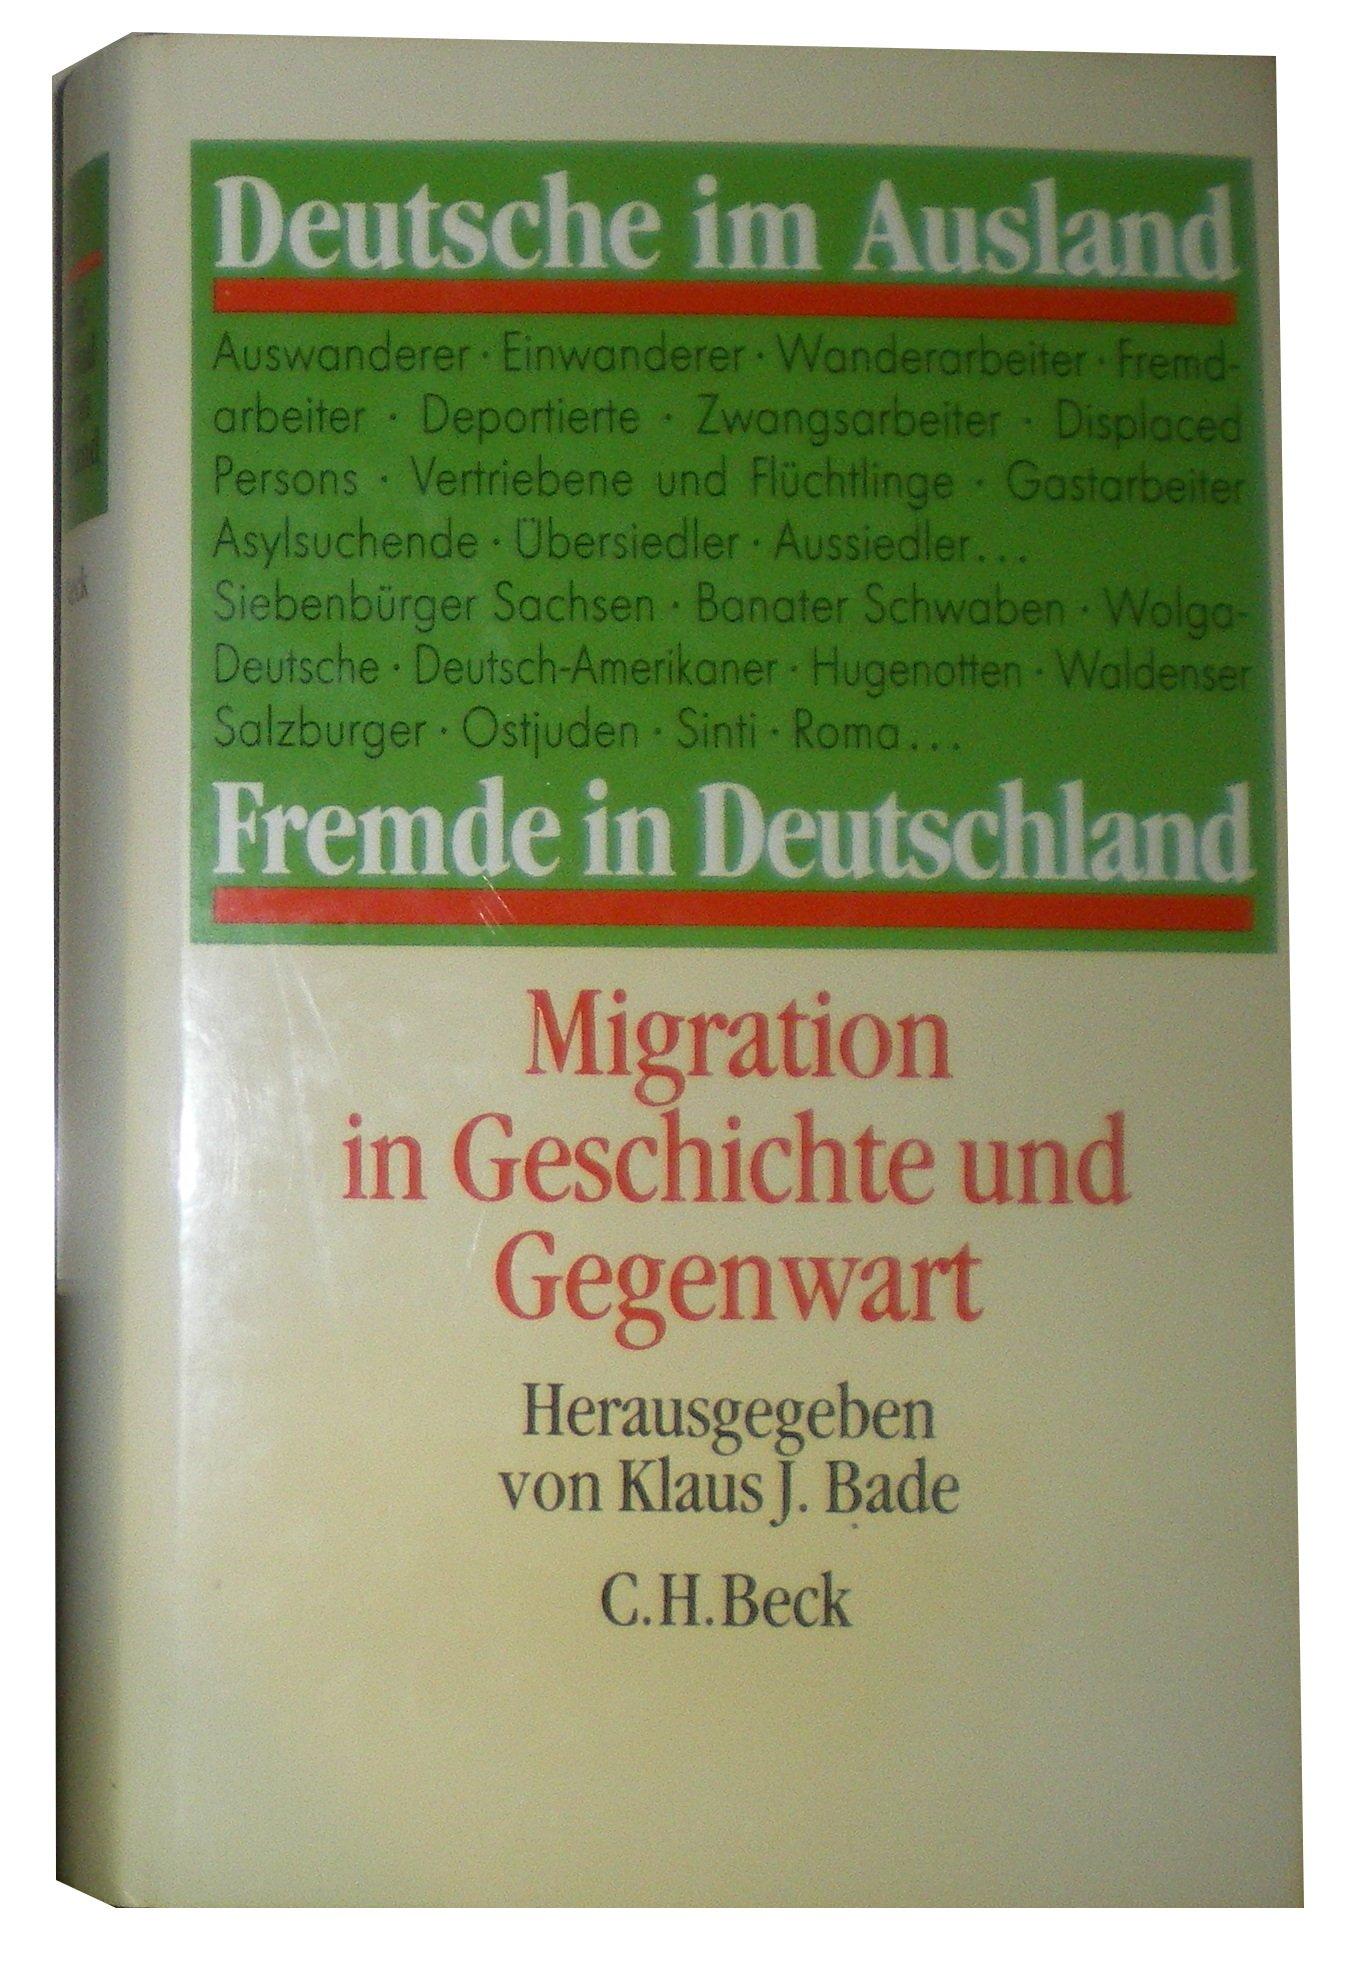 Deutsche im Ausland, Fremde in Deutschland: Migration in Geschichte und Gegenwart Gebundenes Buch – 24. Februar 1992 Klaus J. Bade C.H.Beck 3406359612 Geschichte / Sonstiges